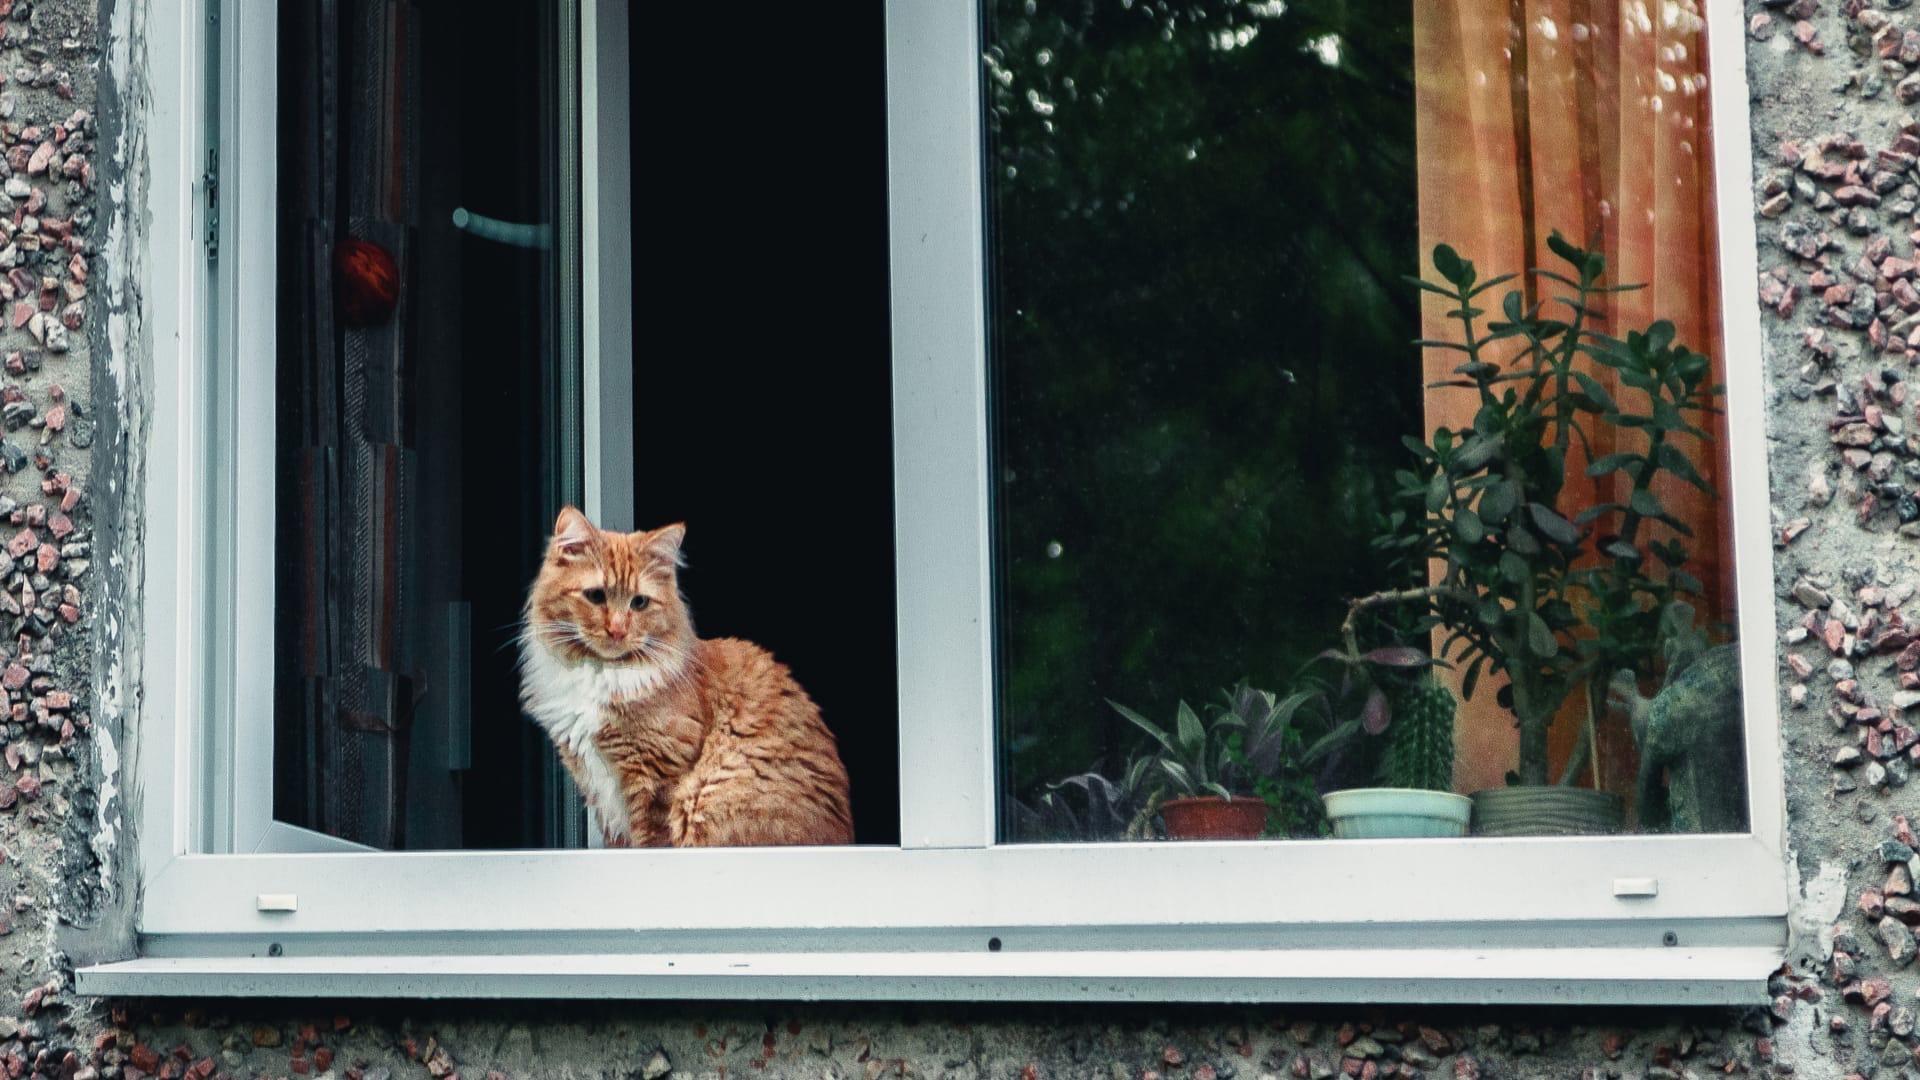 Просто представитель семейства кошачьих на подоконнике в Апатитах #котикиебеней  - Фото